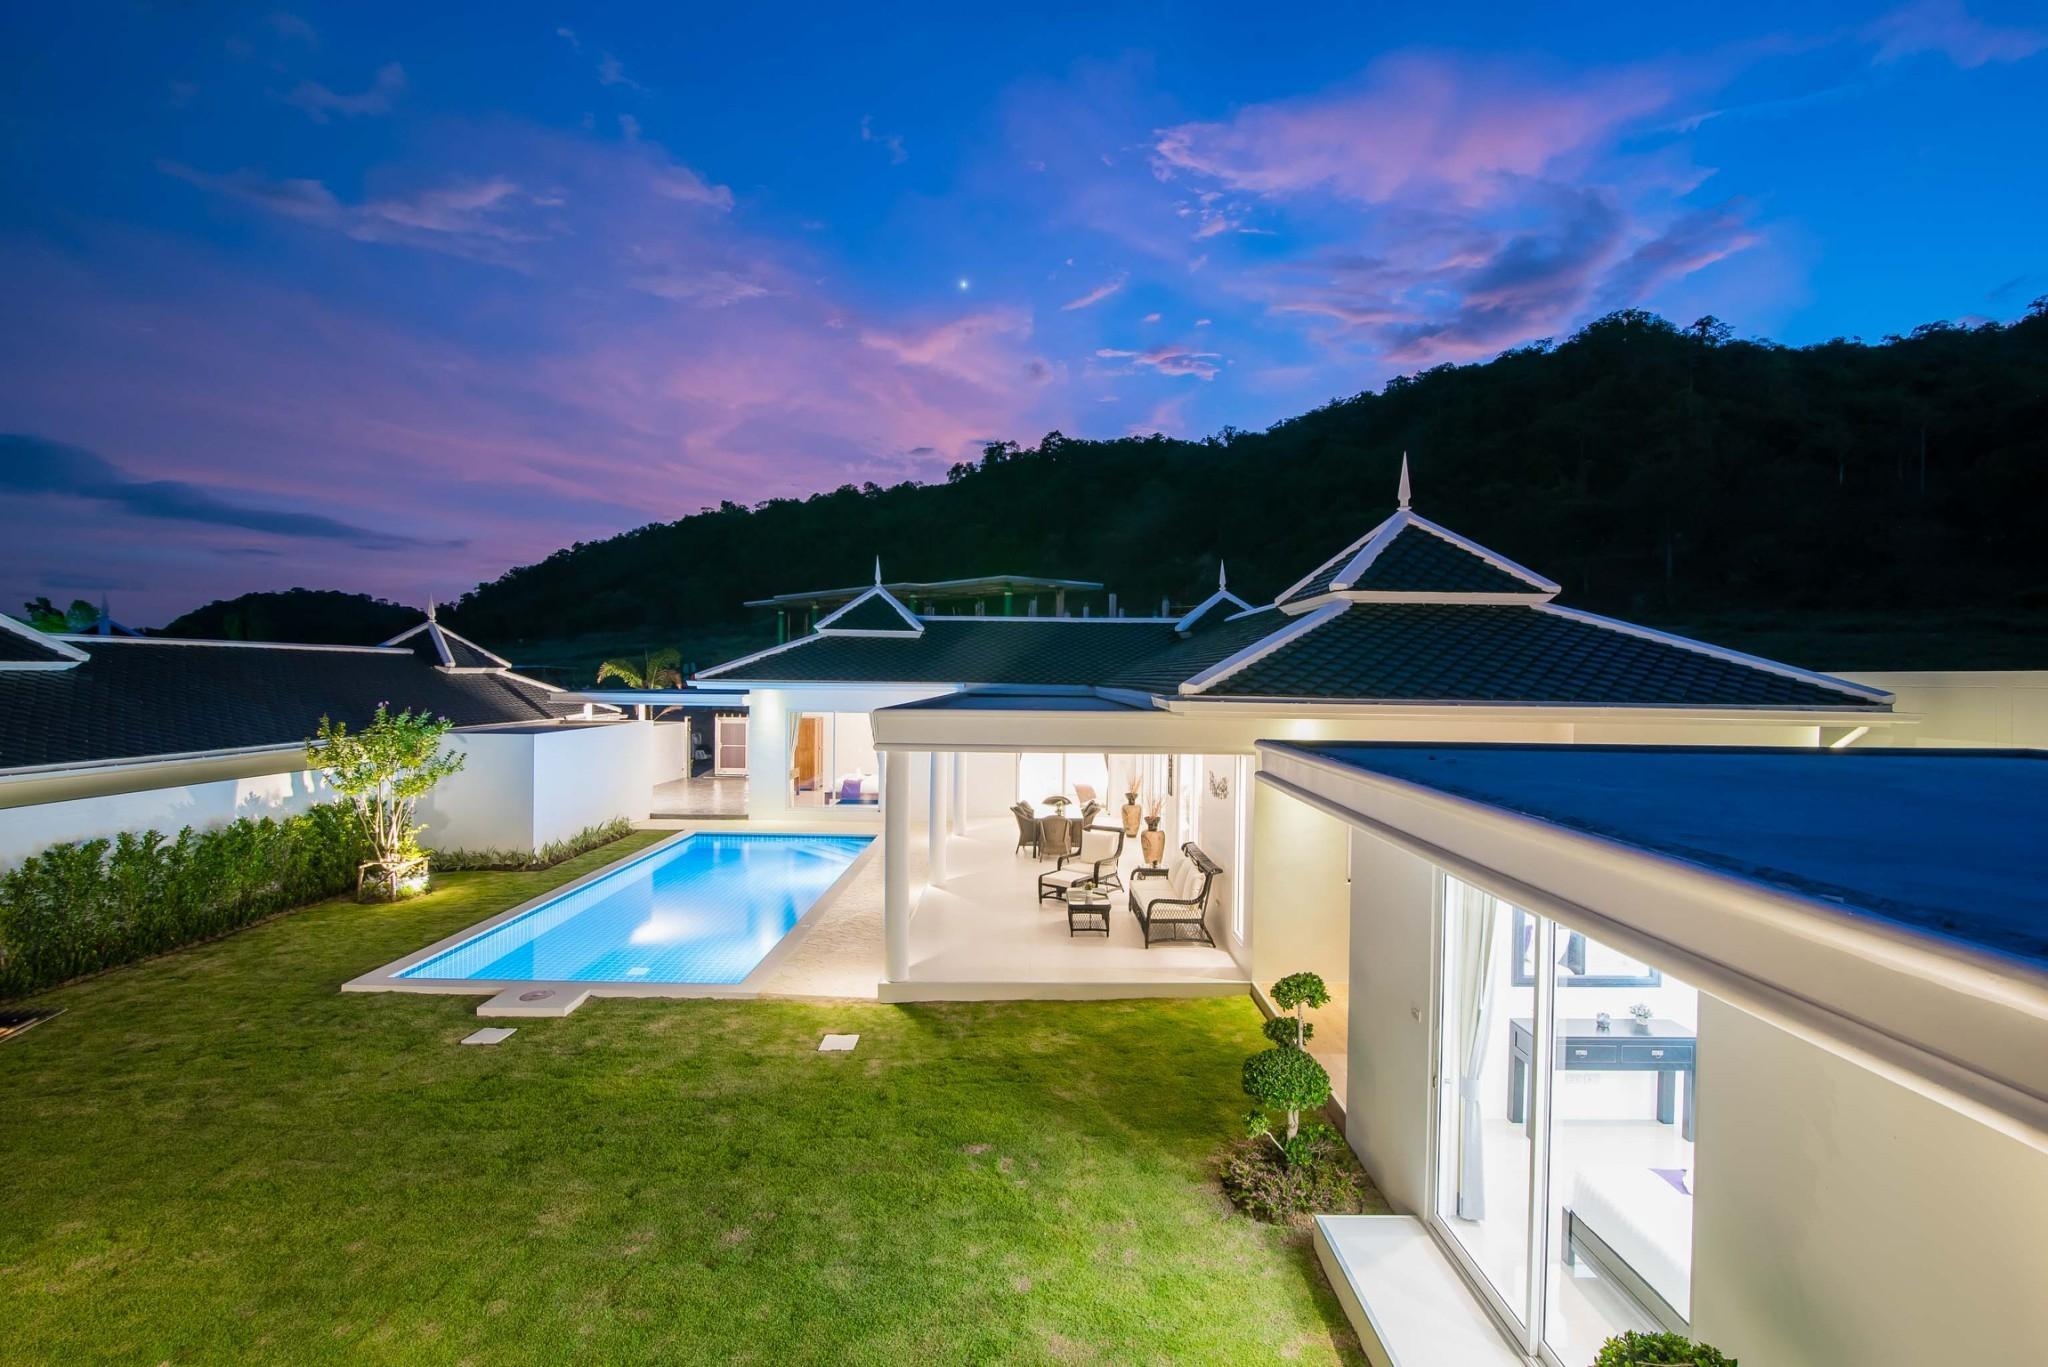 9. LC villa